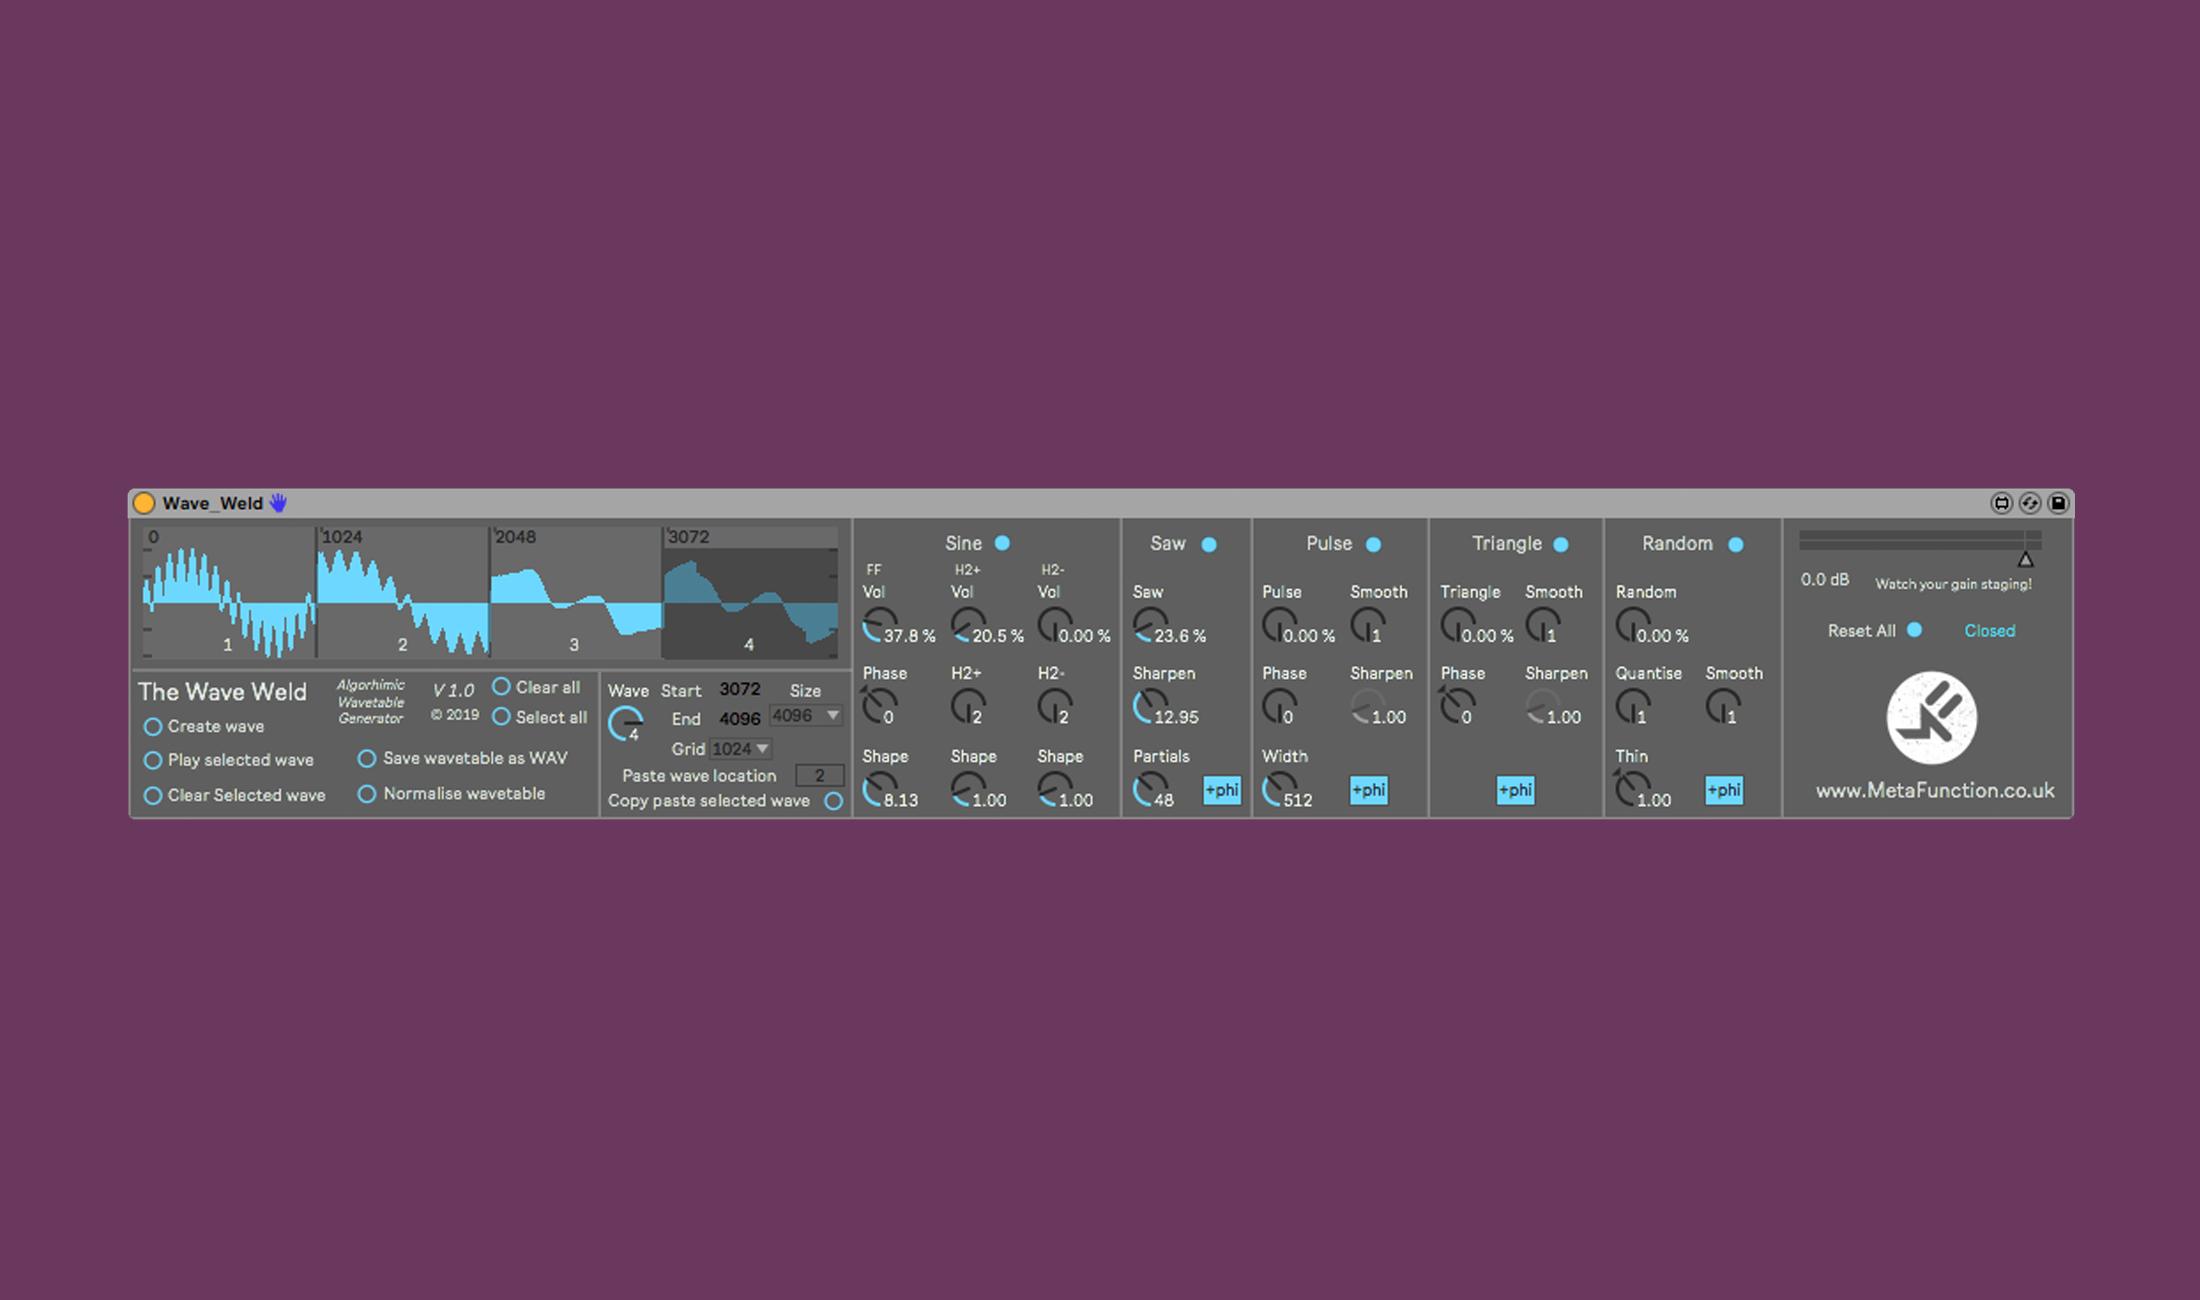 Das kostenlose Wave Welt generiert in Ableton Live Wavetables